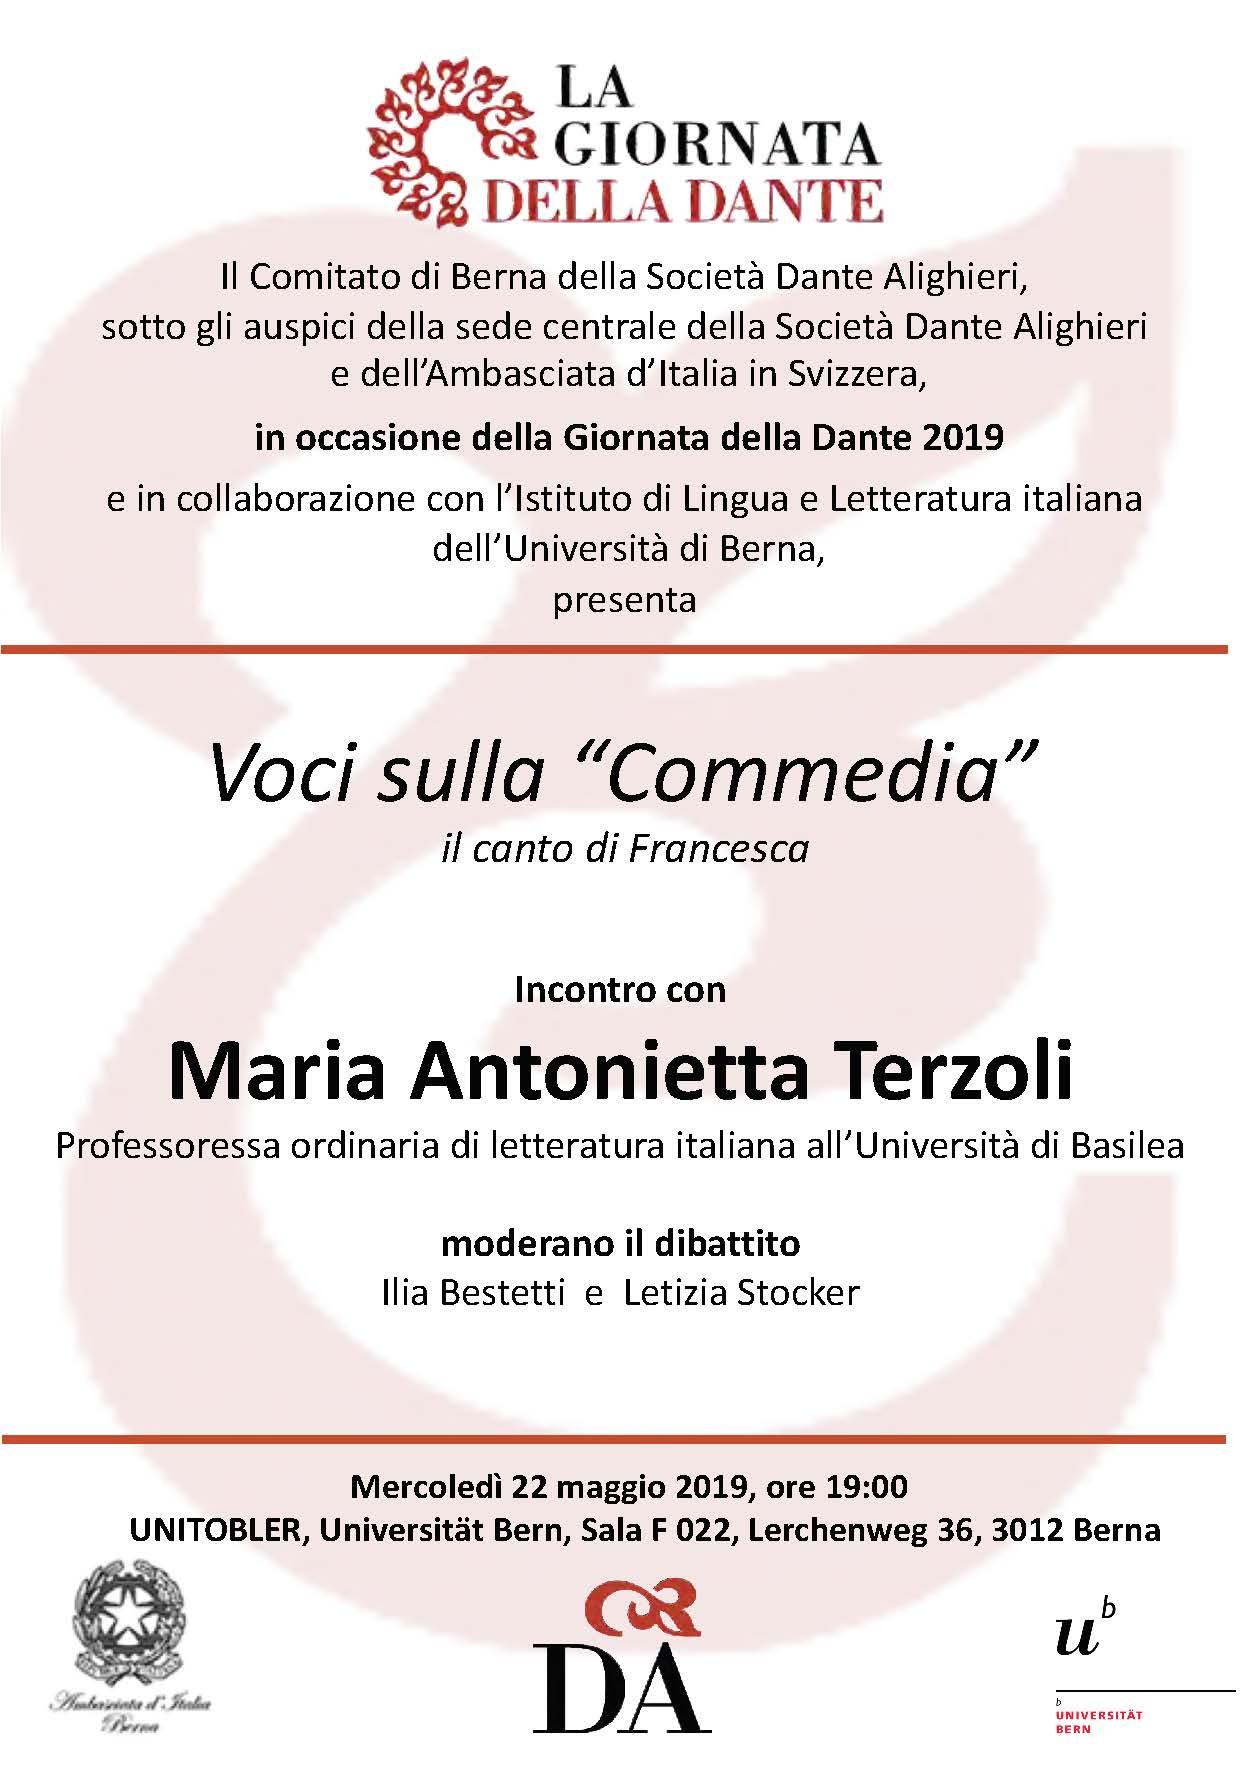 foto: volantino dell'incontro con Maria Antonietta Terzoli